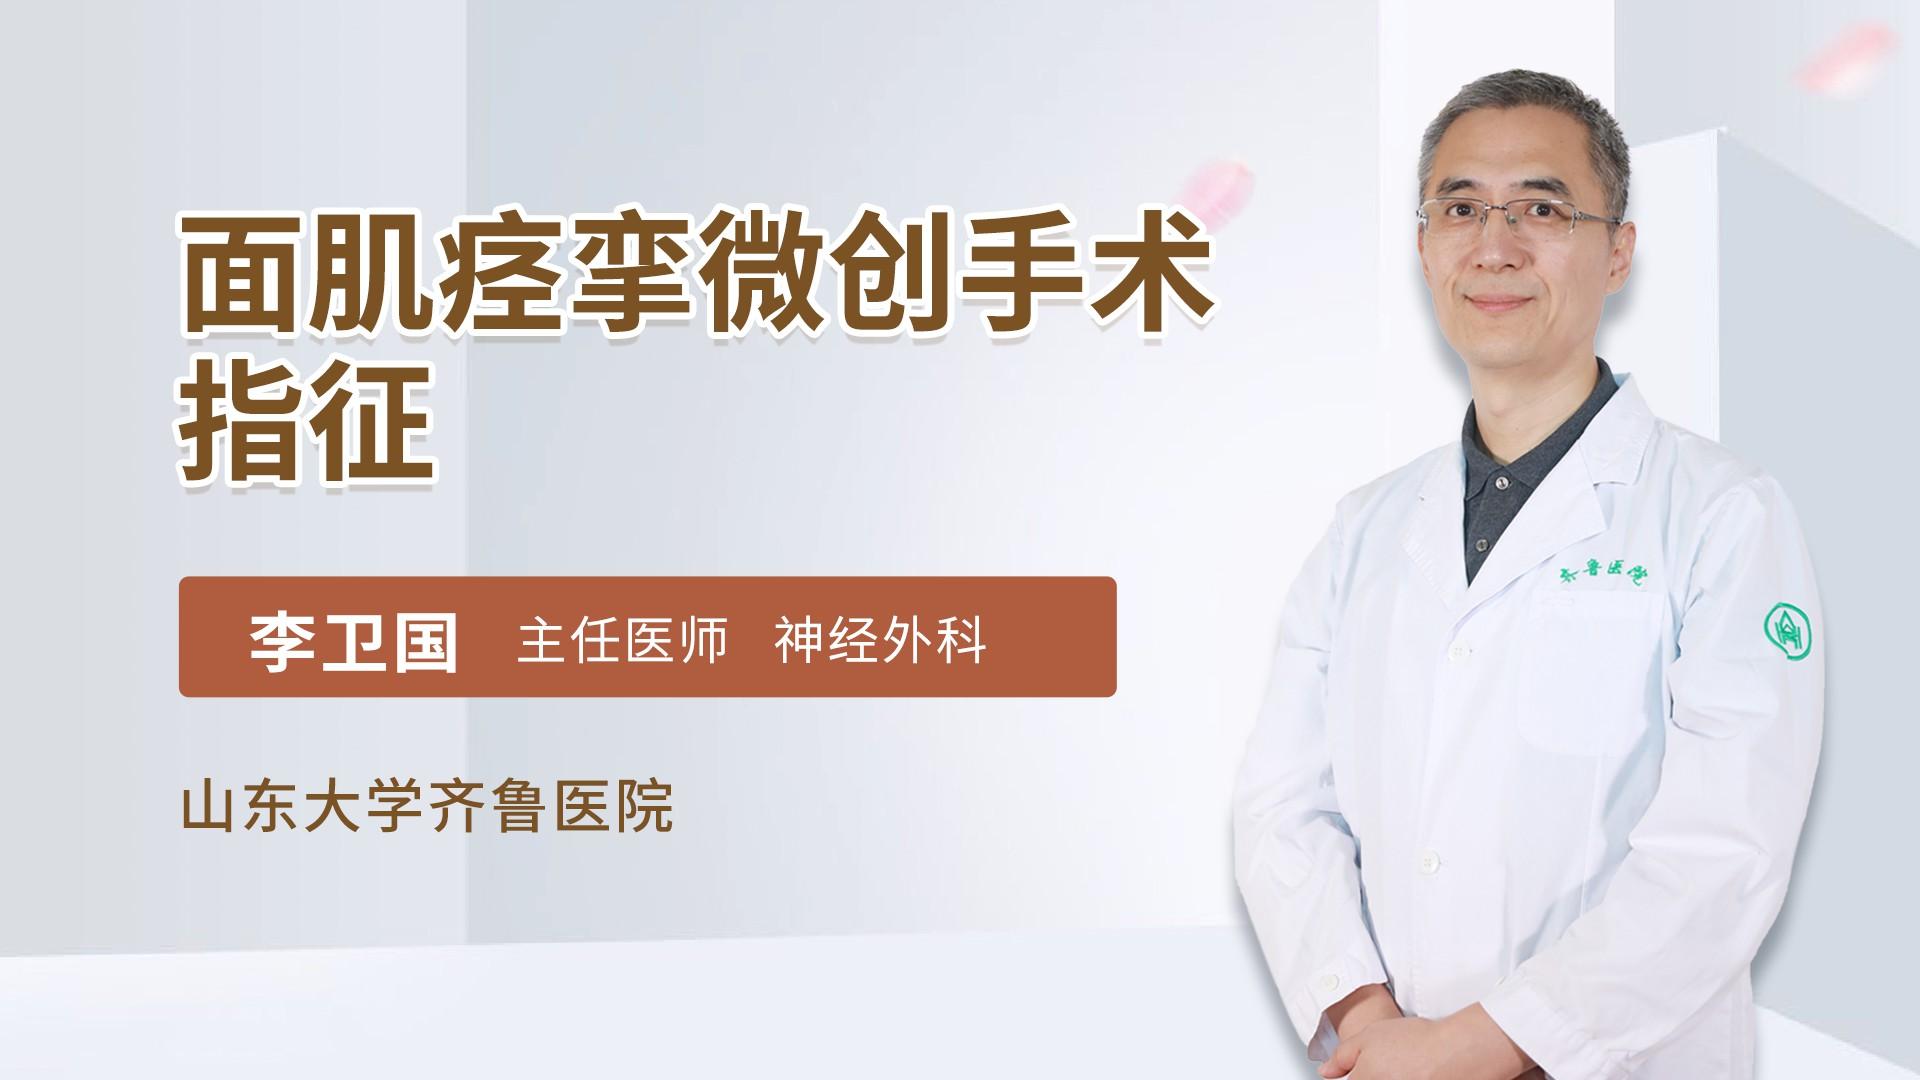 面肌痉挛微创手术指征